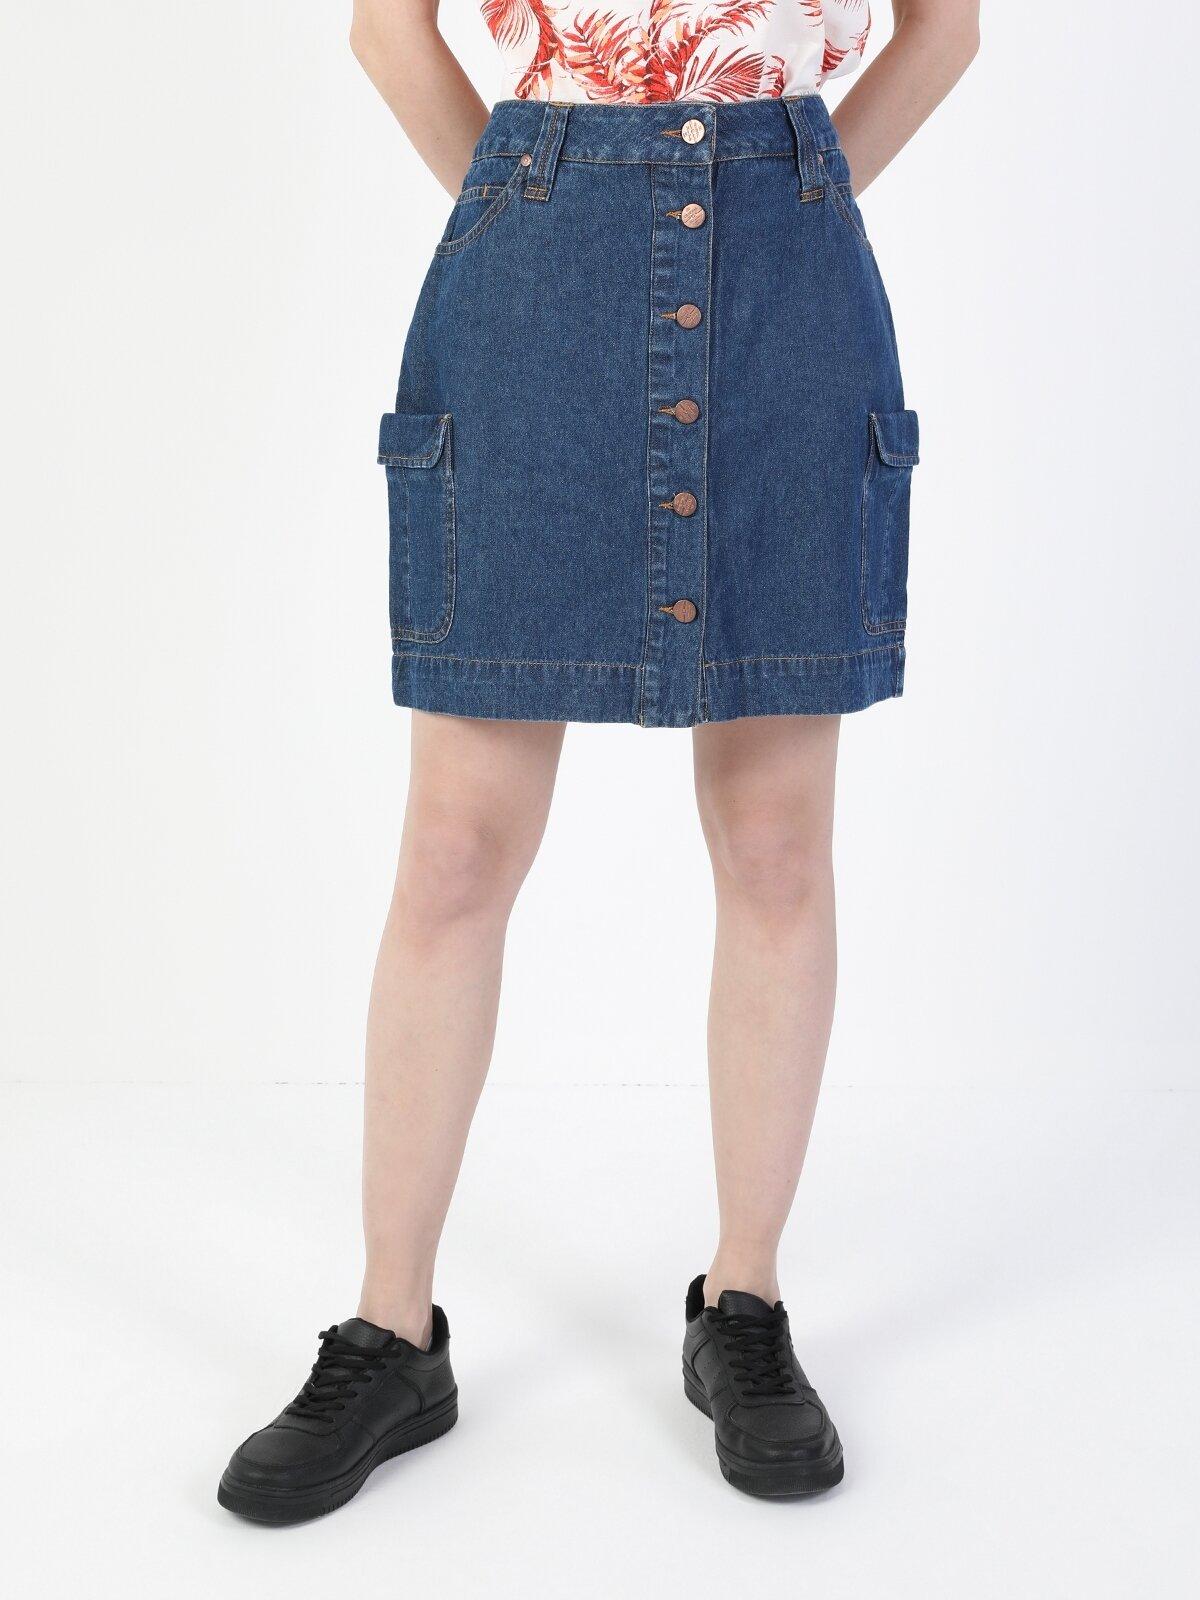 Orta Slim Fit Jean Kadın Jean Etek